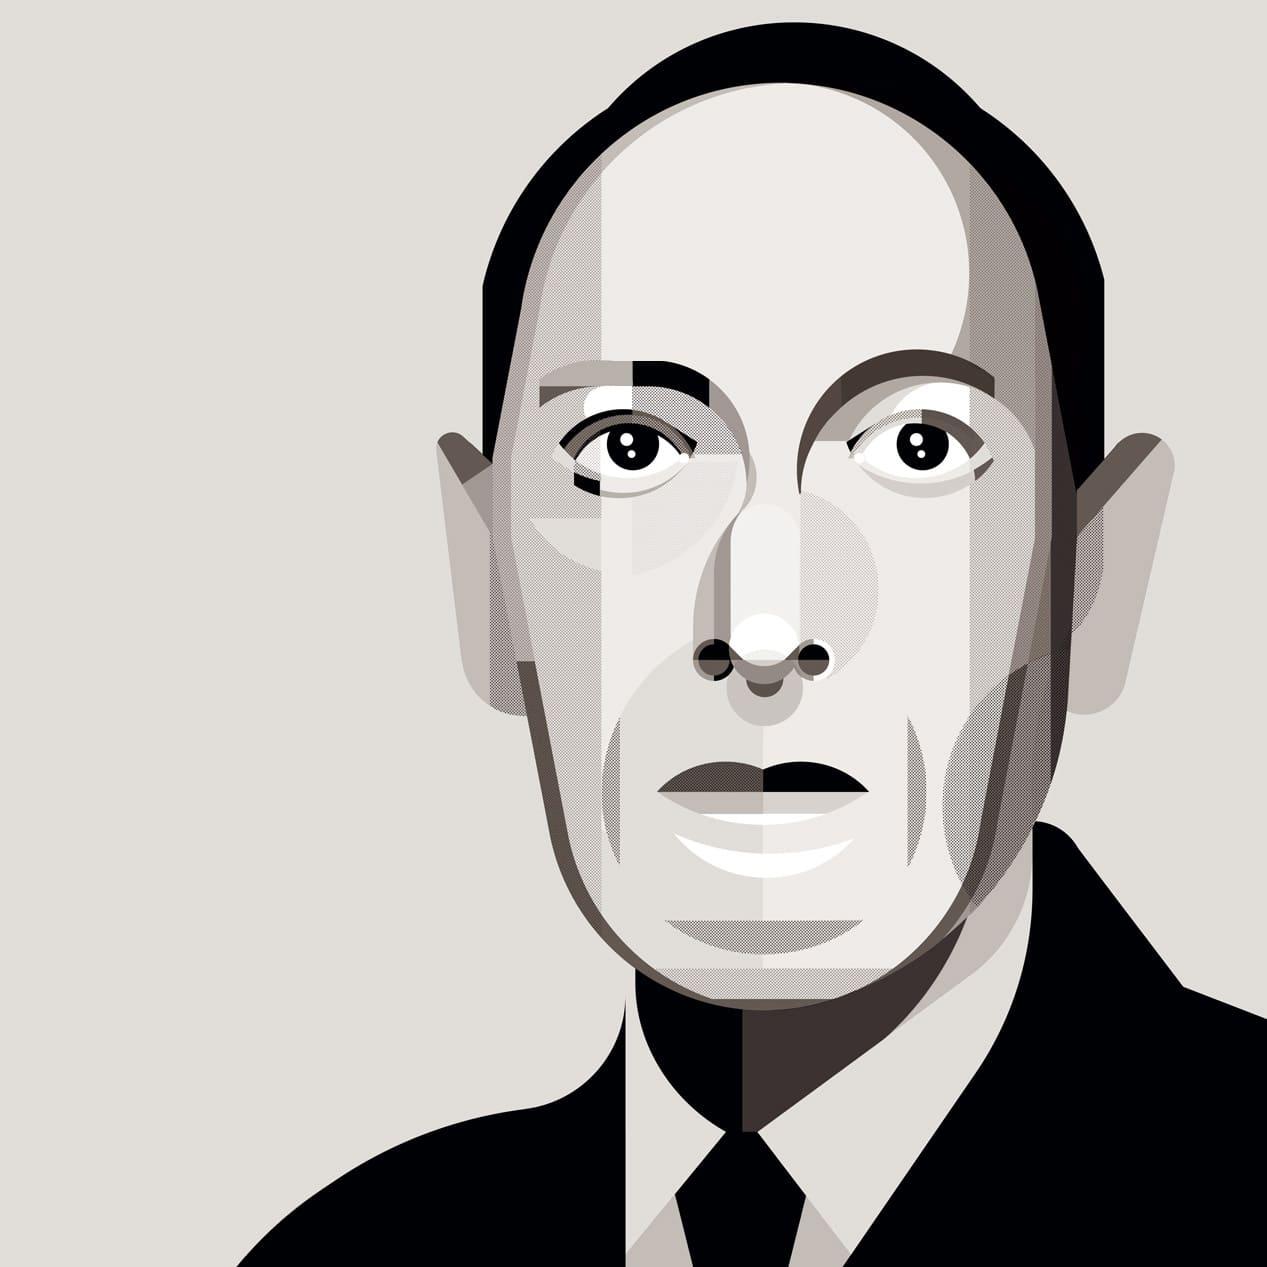 lovecraft-portrait-illustration-alice-iuri